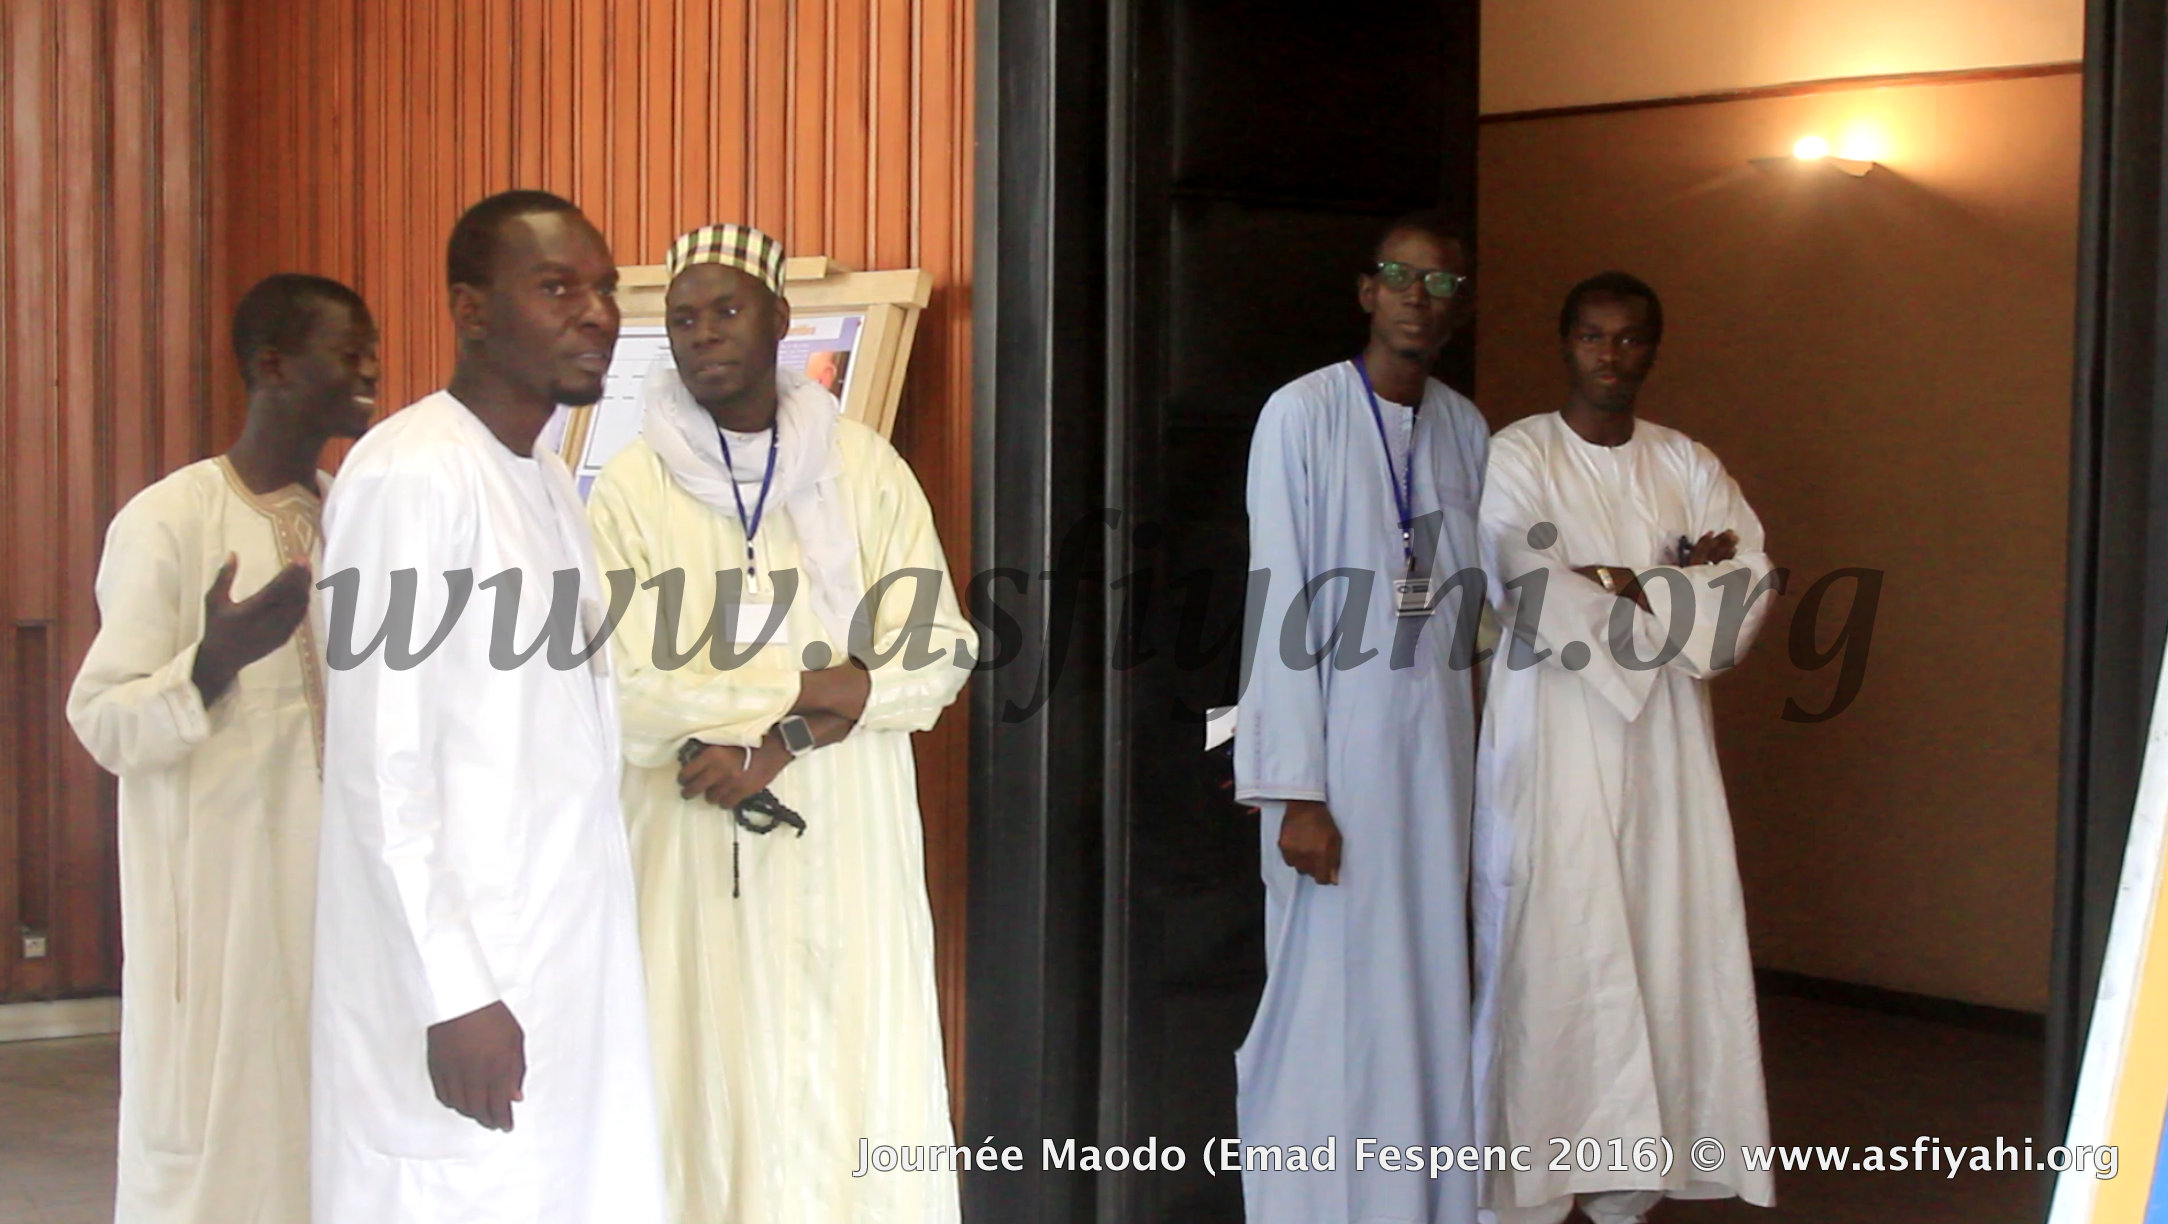 PHOTOS - 2 AVRIL 2016 À SORANO - les Images de la Journée El Hadj Malick Sy organisée par l'EMAD dans le cadre du FESPENC 2016